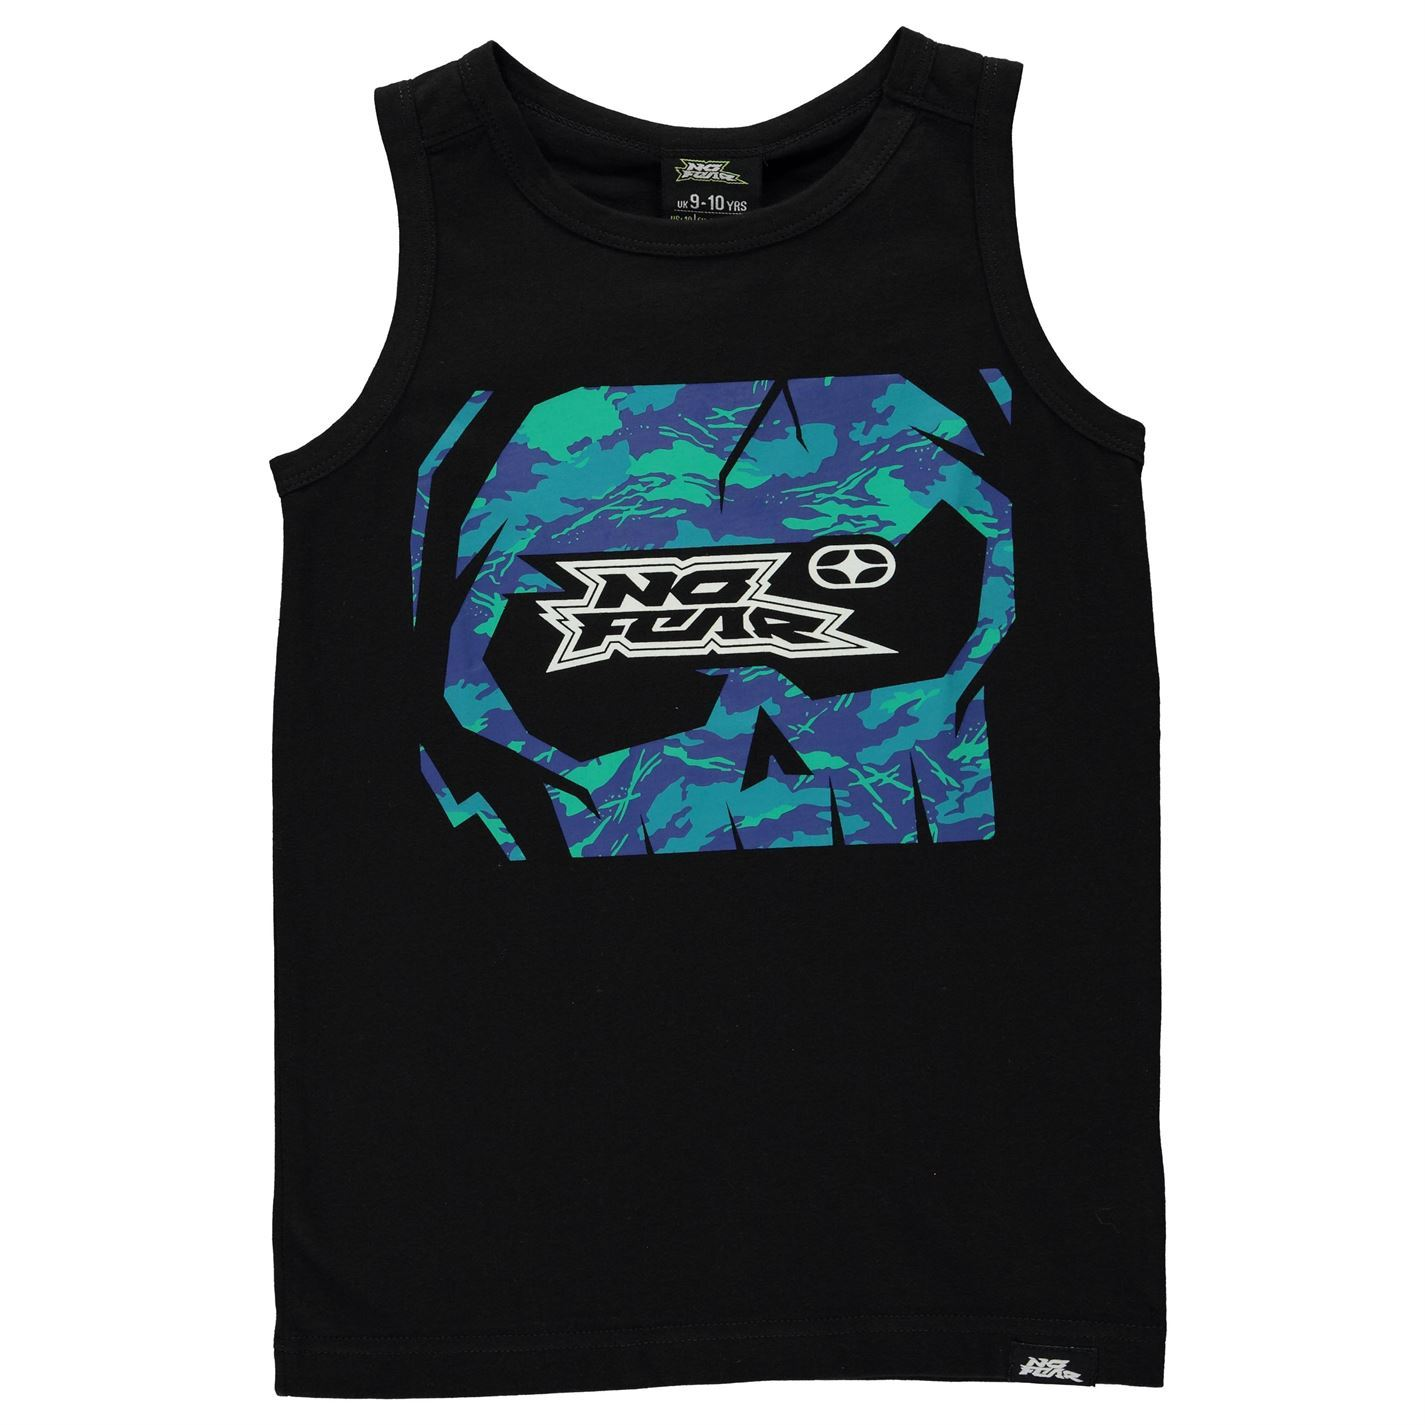 No Fear Kids Graphic Vest Junior Tank Top Crew Neck Cotton Print